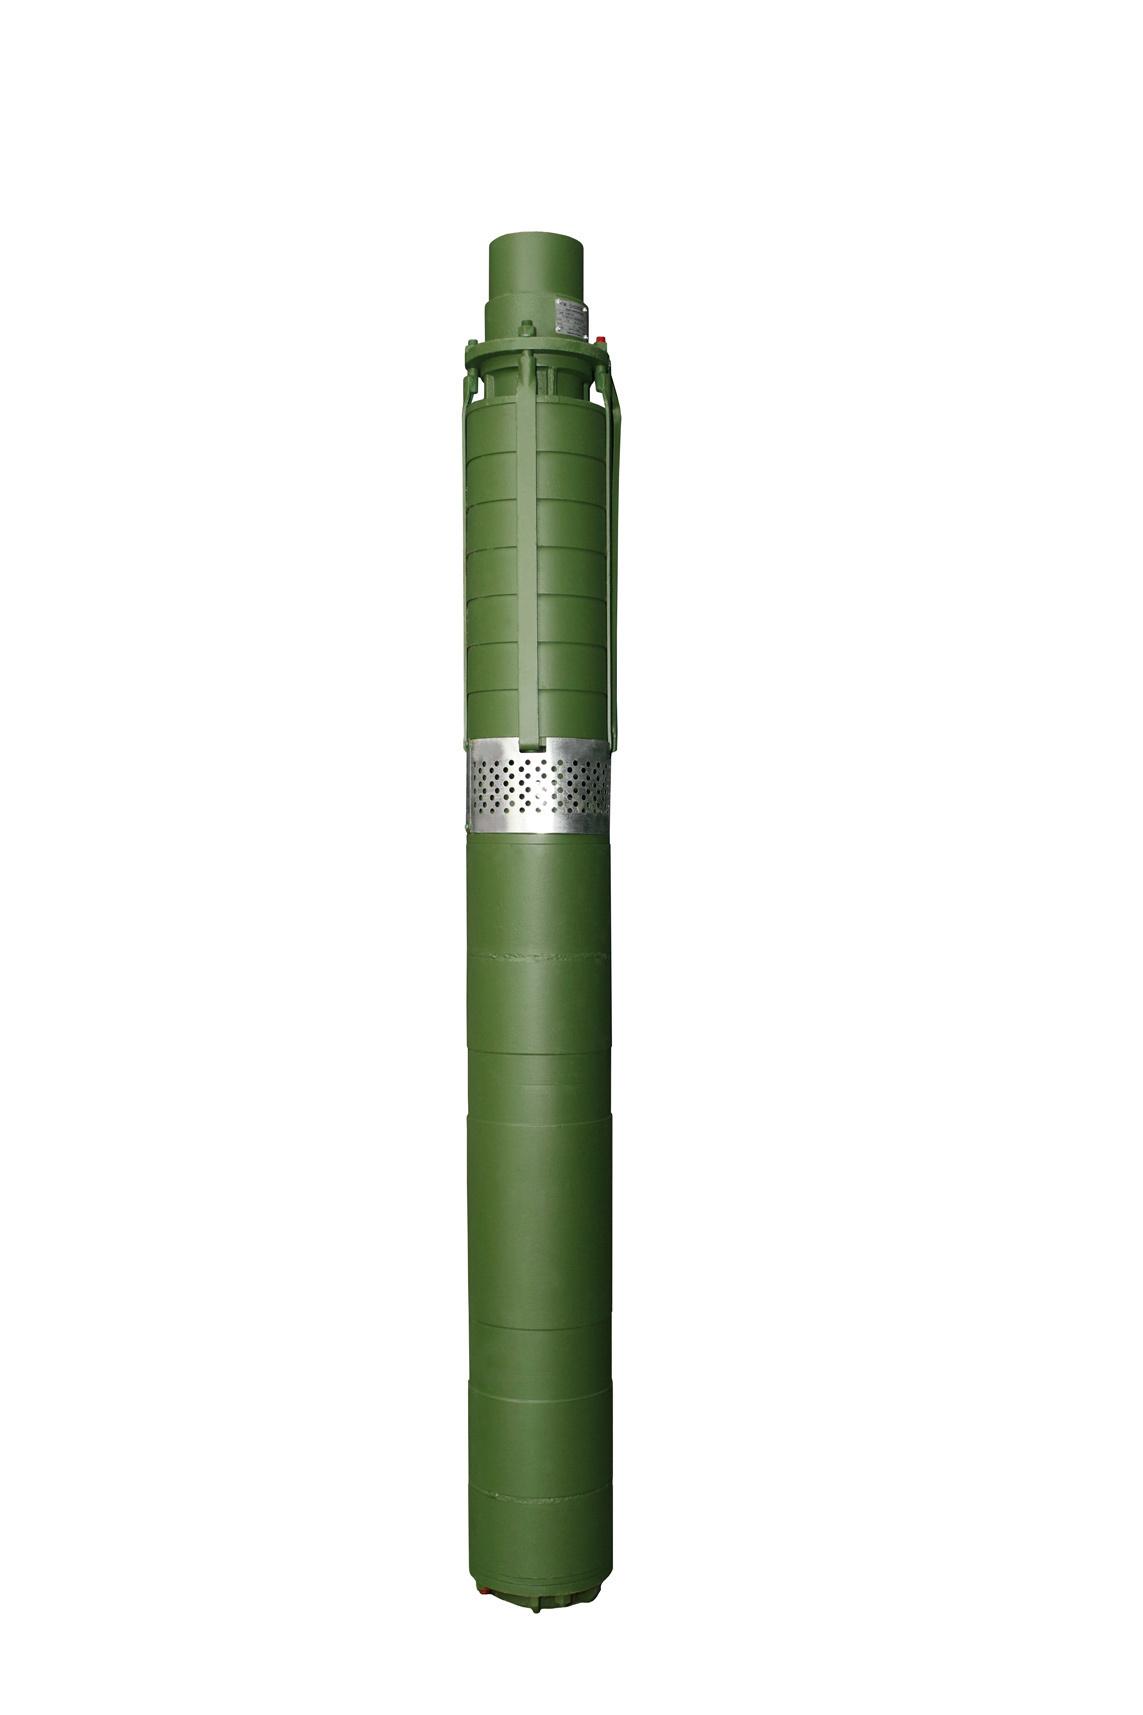 ЭЦВ 10-65-270